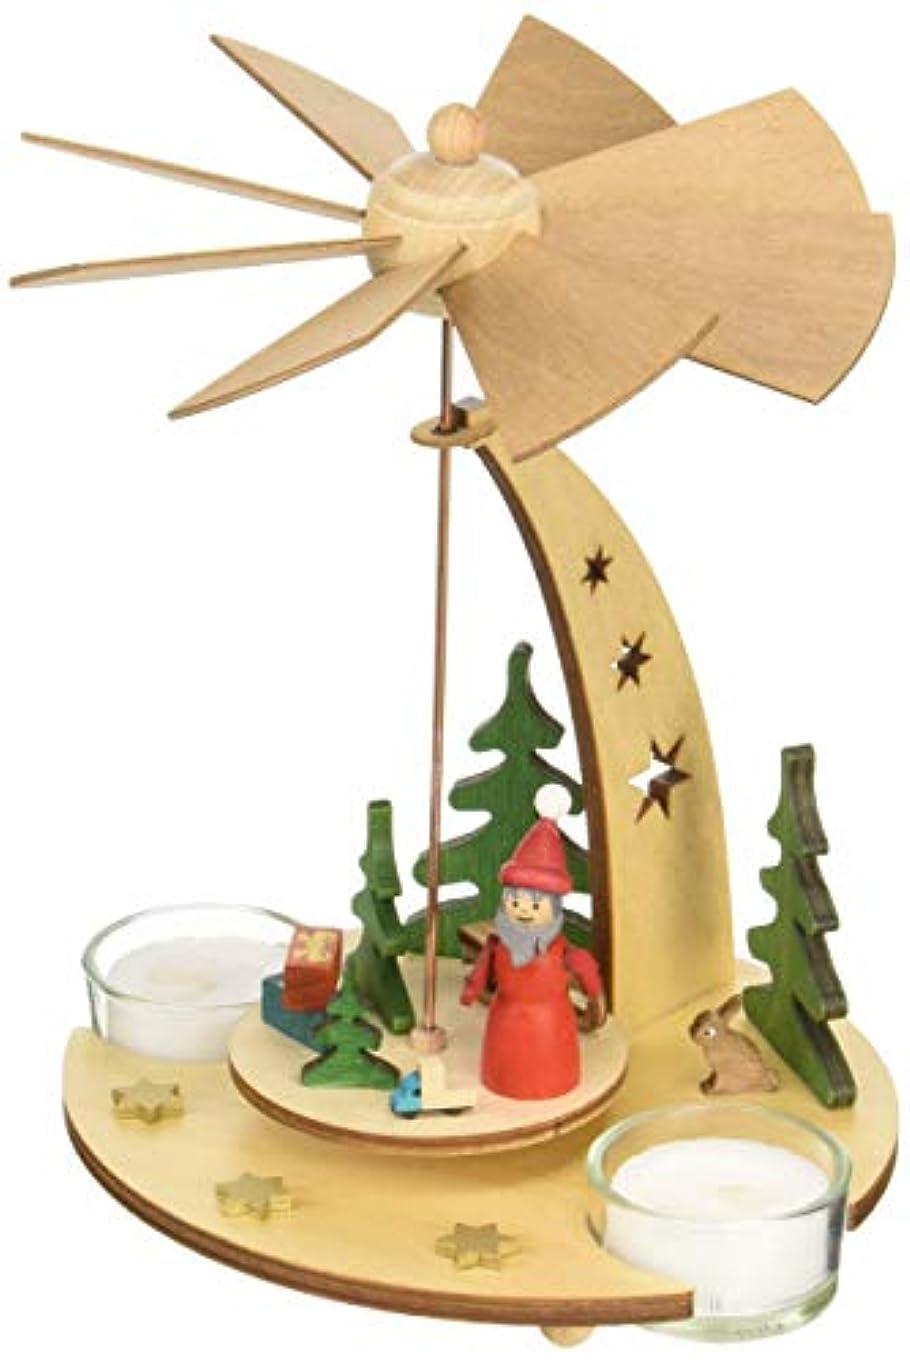 巧みな不十分な一kuhnert クリスマスピラミッド サンタクロース